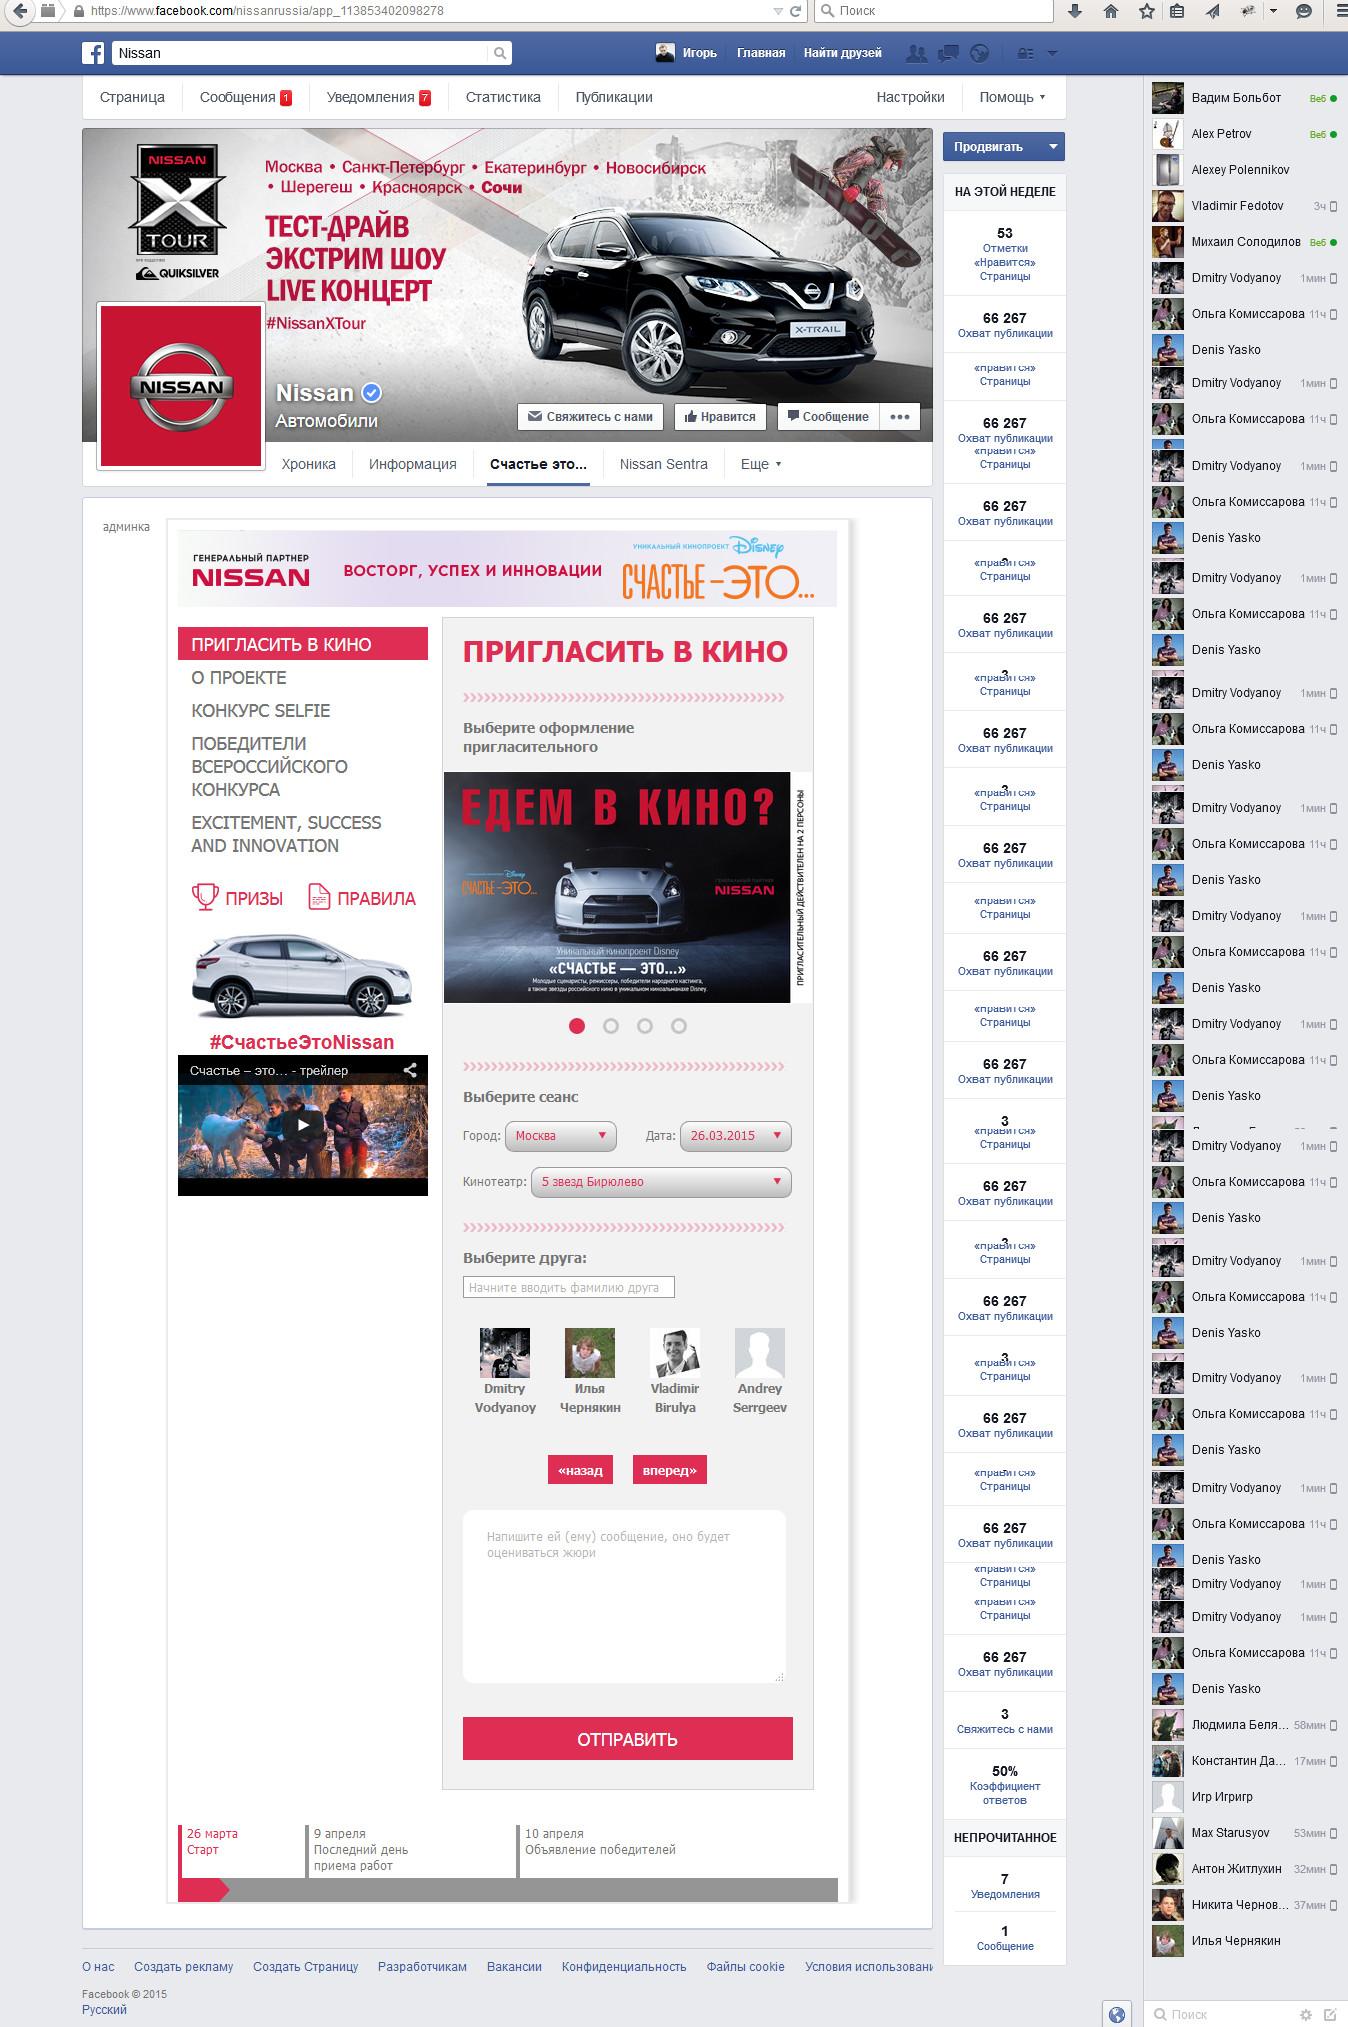 Приложение для Facebook и Вконтакте. Disney и Nissan. Счастье это..